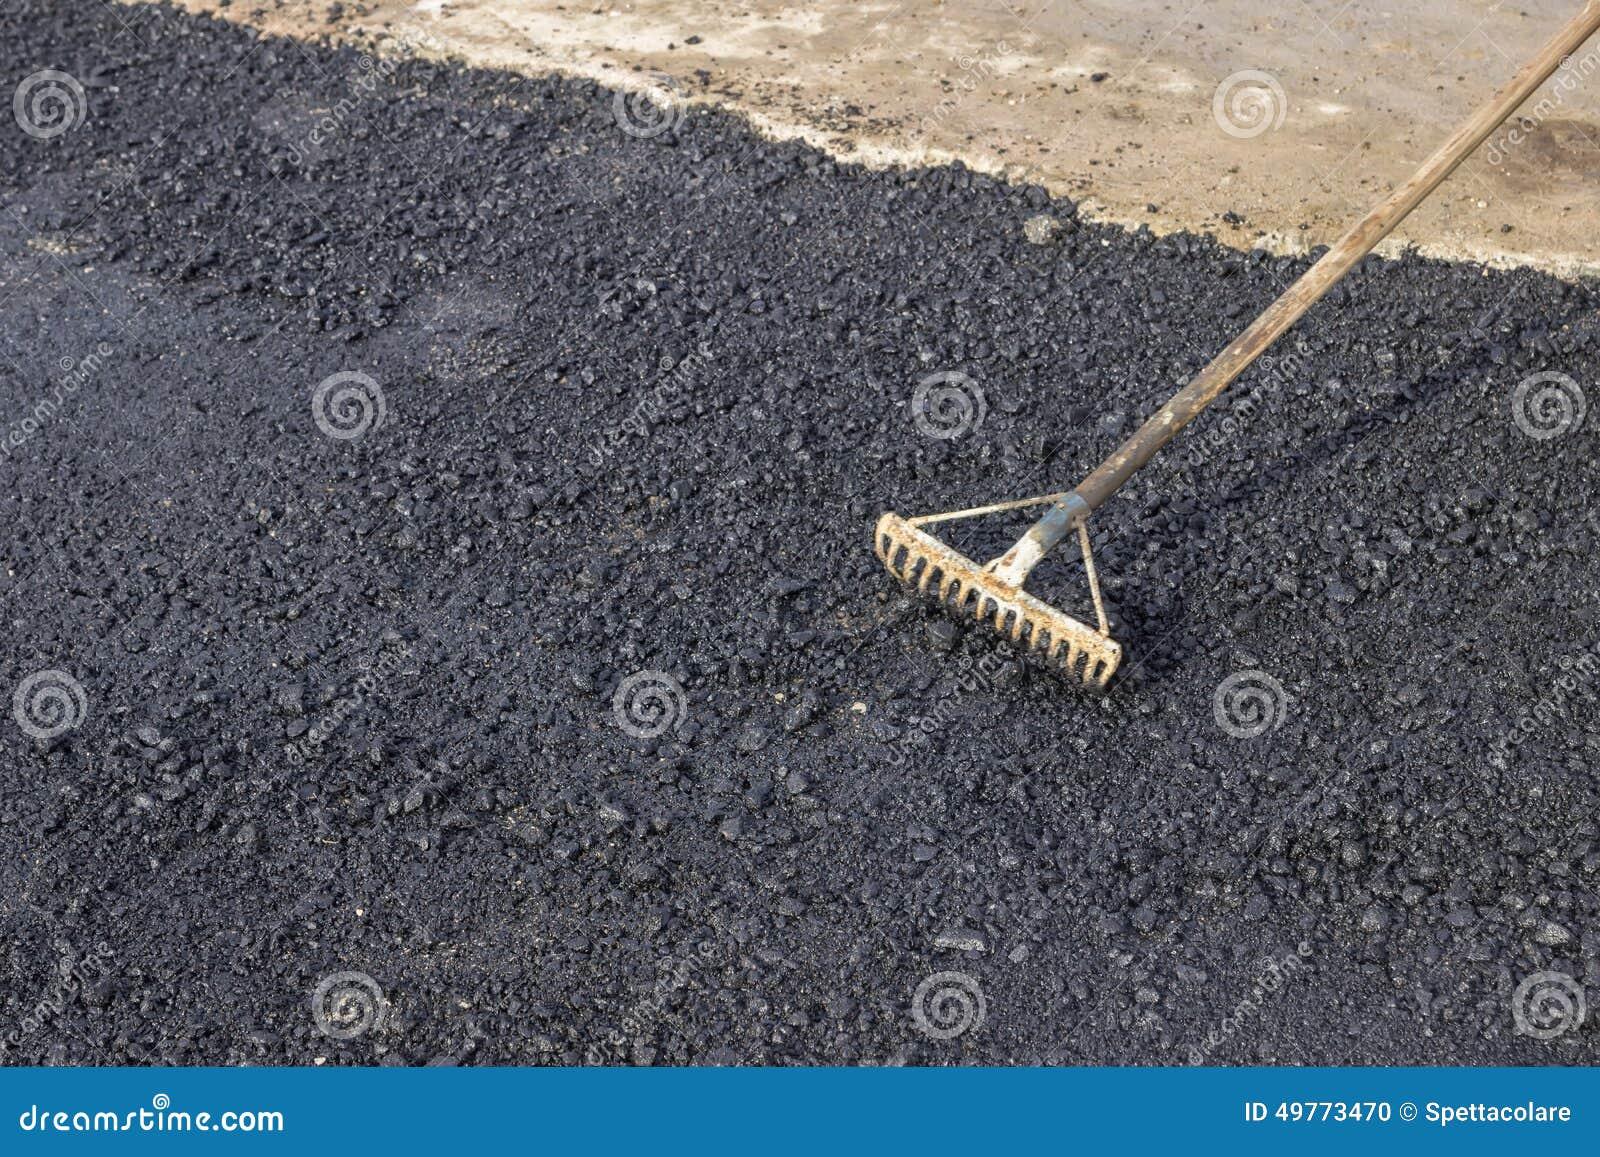 Utilisant un r teau pour niveler le trottoir d 39 asphalte photo stock image 49773470 - Niveler un terrain pour pelouse ...